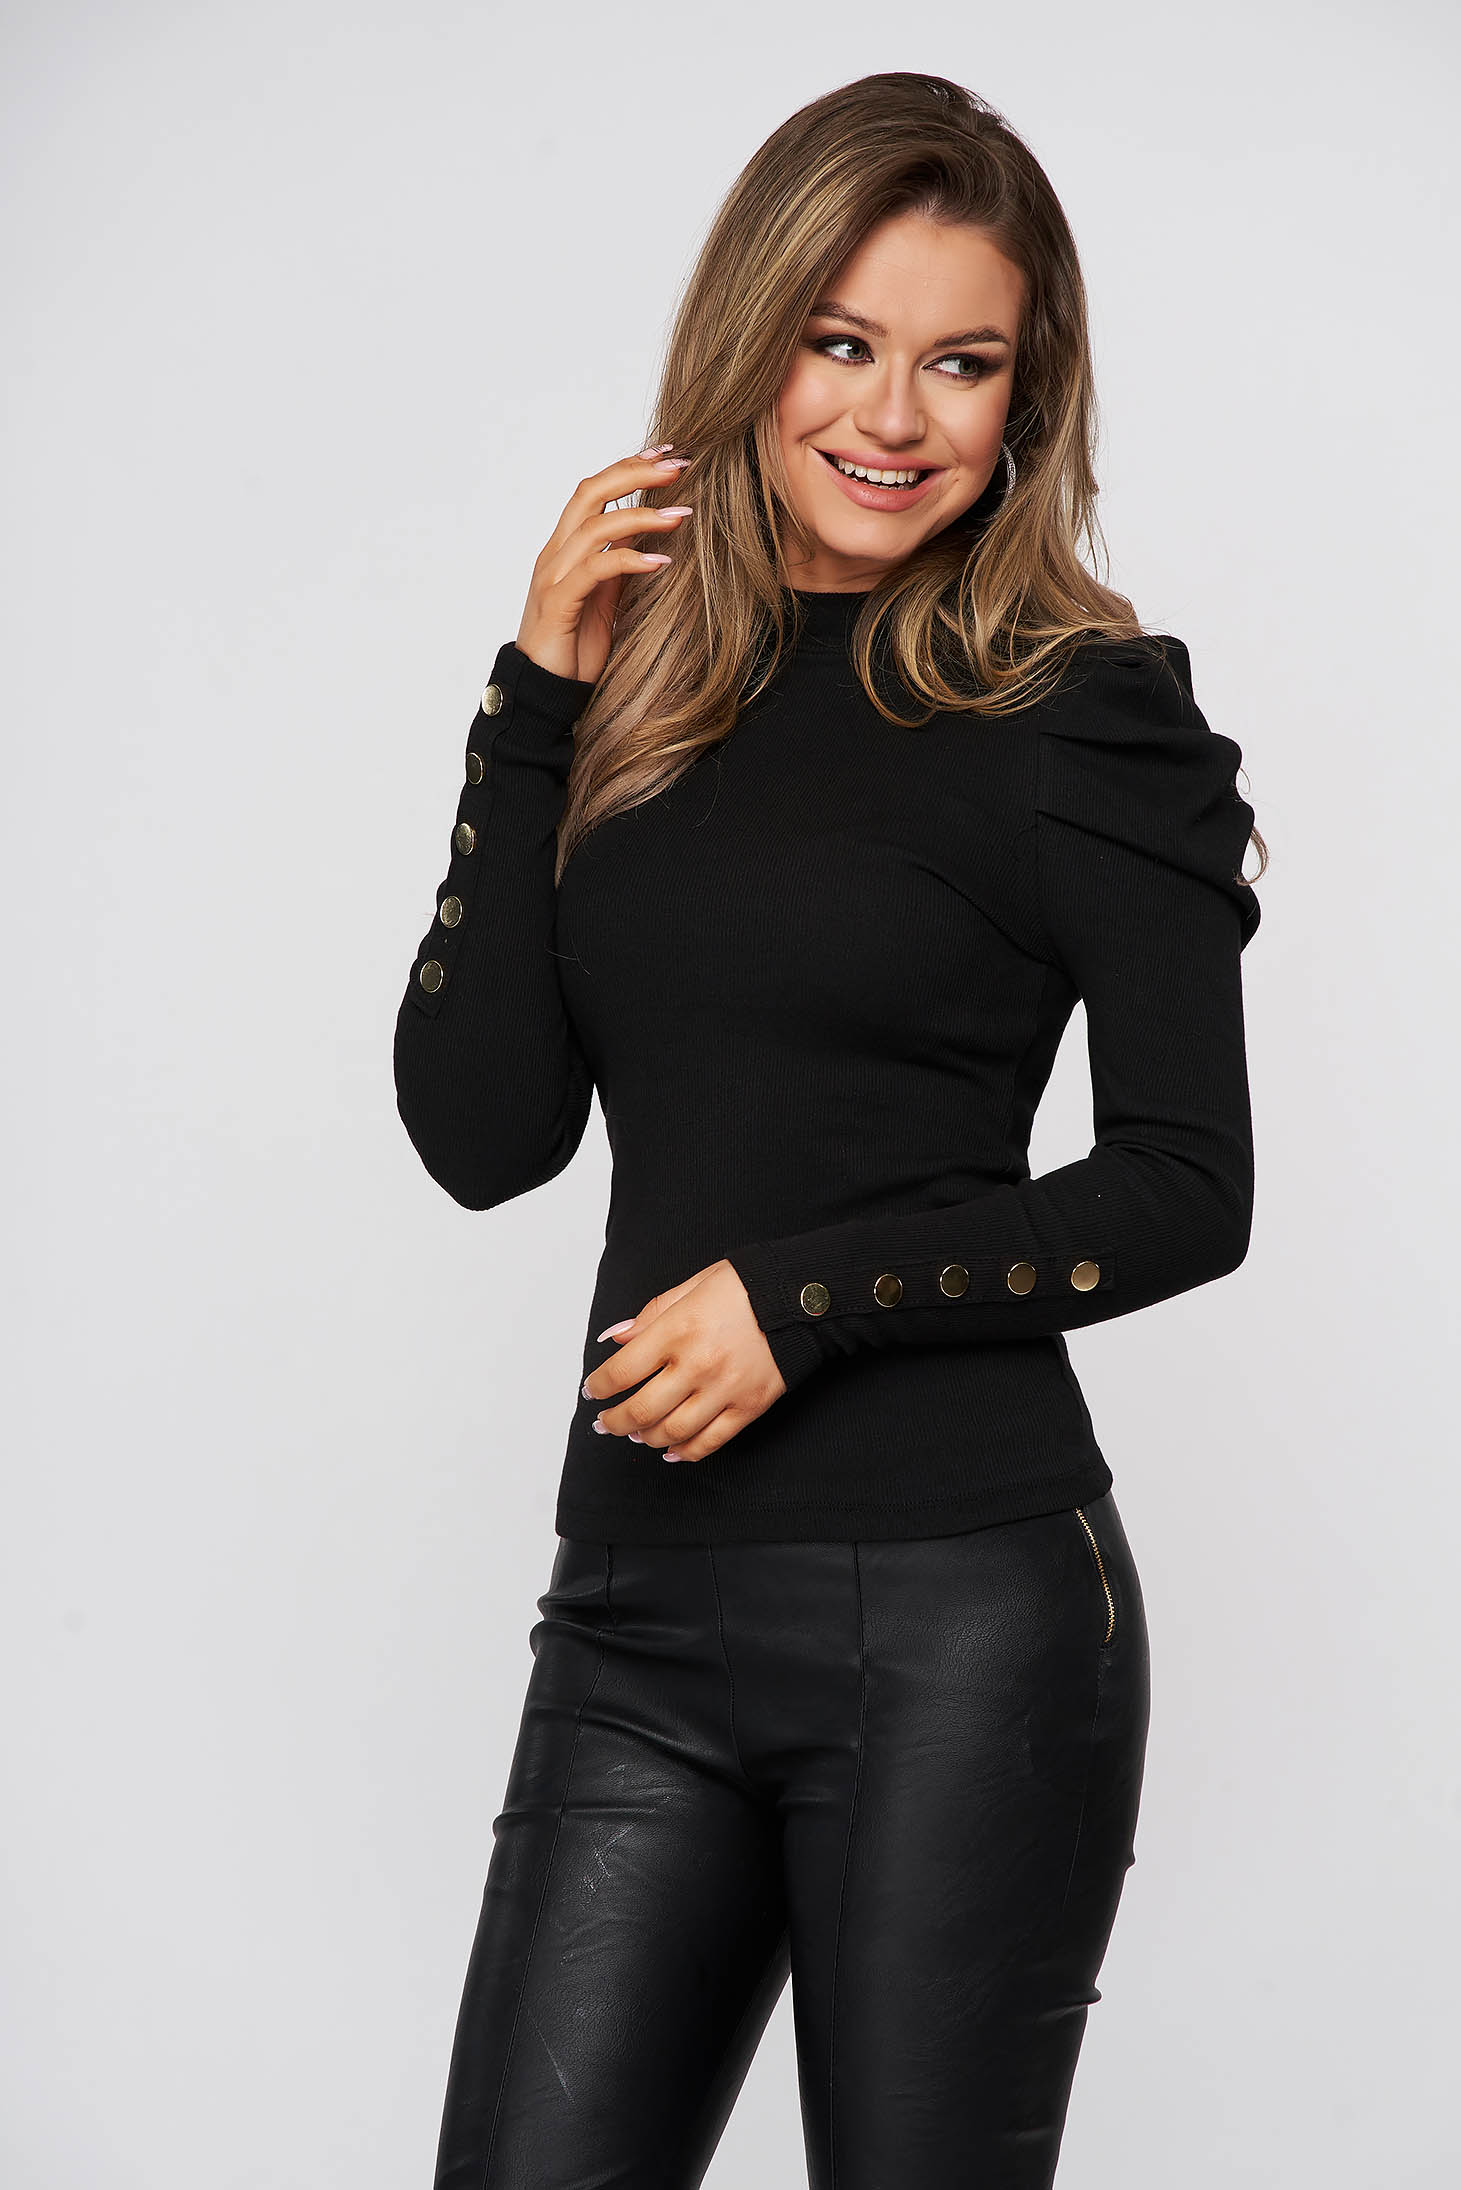 Bluza dama neagra SunShine mulata din bumbac reiat usor pe gat cu umeri cu volum